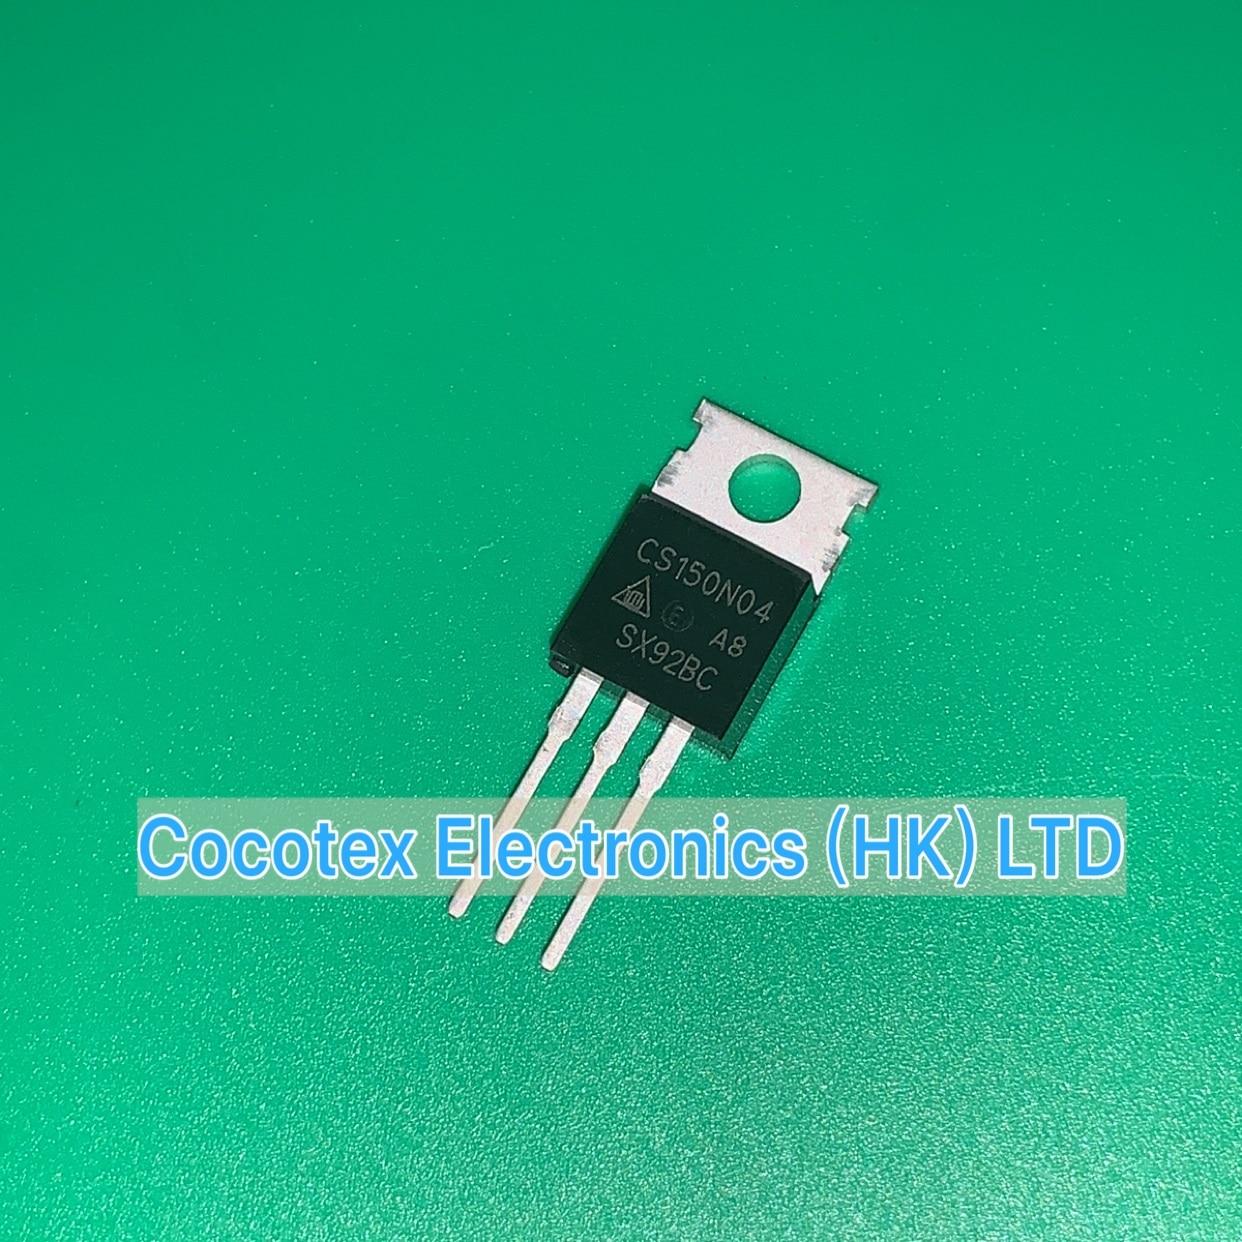 12pcs/lot CS150N04A8 TO-220AB CS150N04 A8 N-CHANNEL ENHANCEMENT MODE POWER MOSFET CS 150N04A8